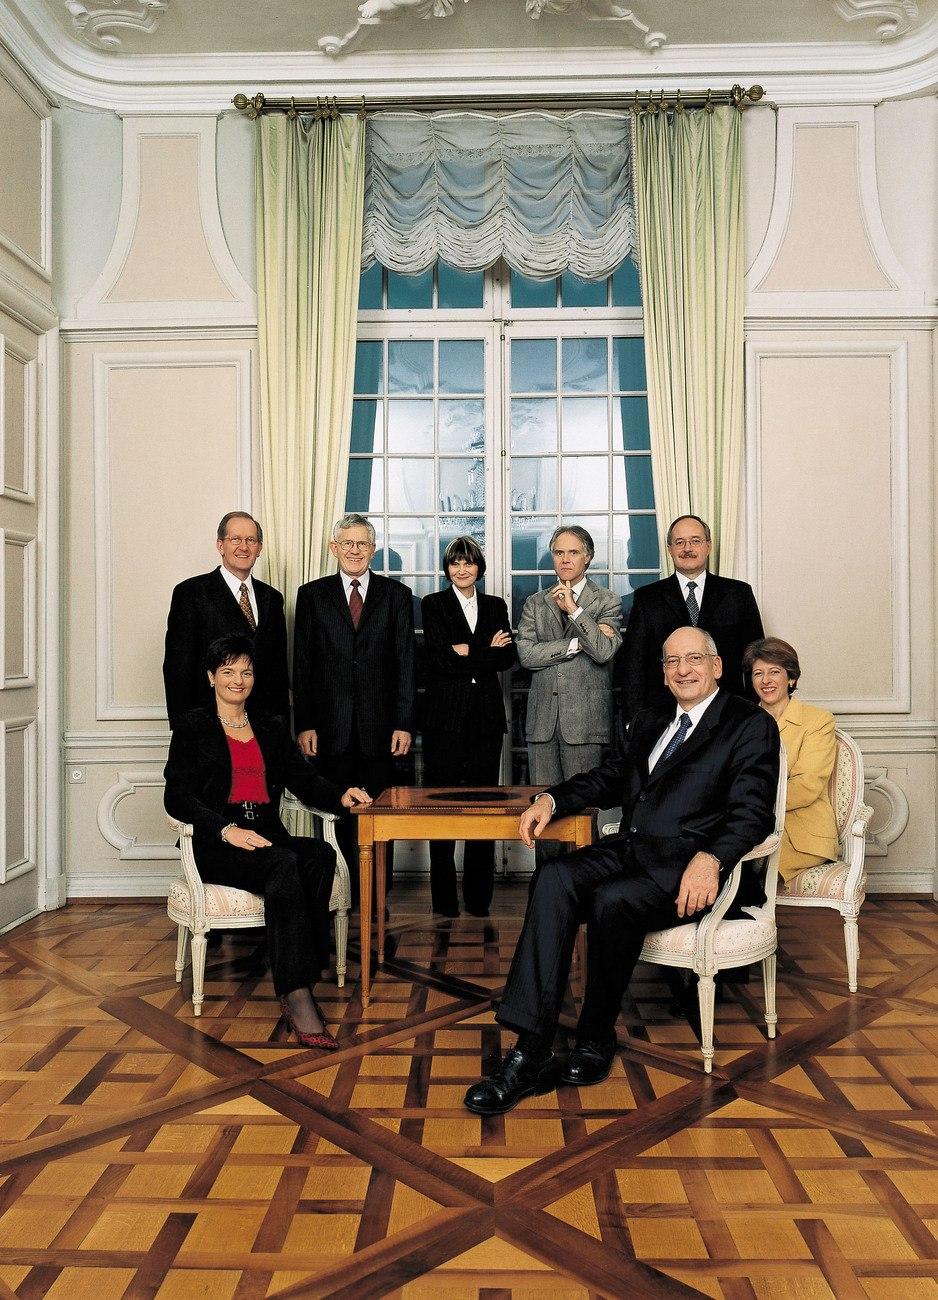 Bundesrat der Schweiz 2003